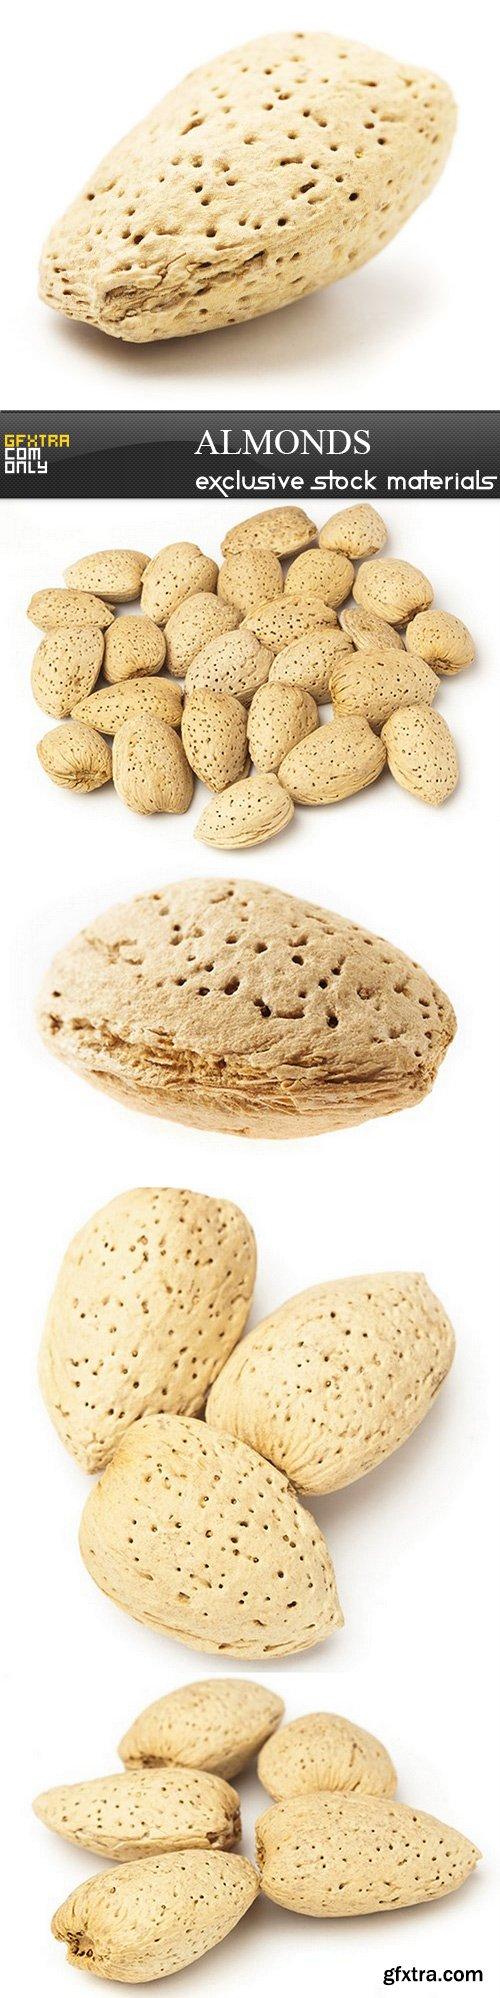 Almonds - 5 UHQ JPEG